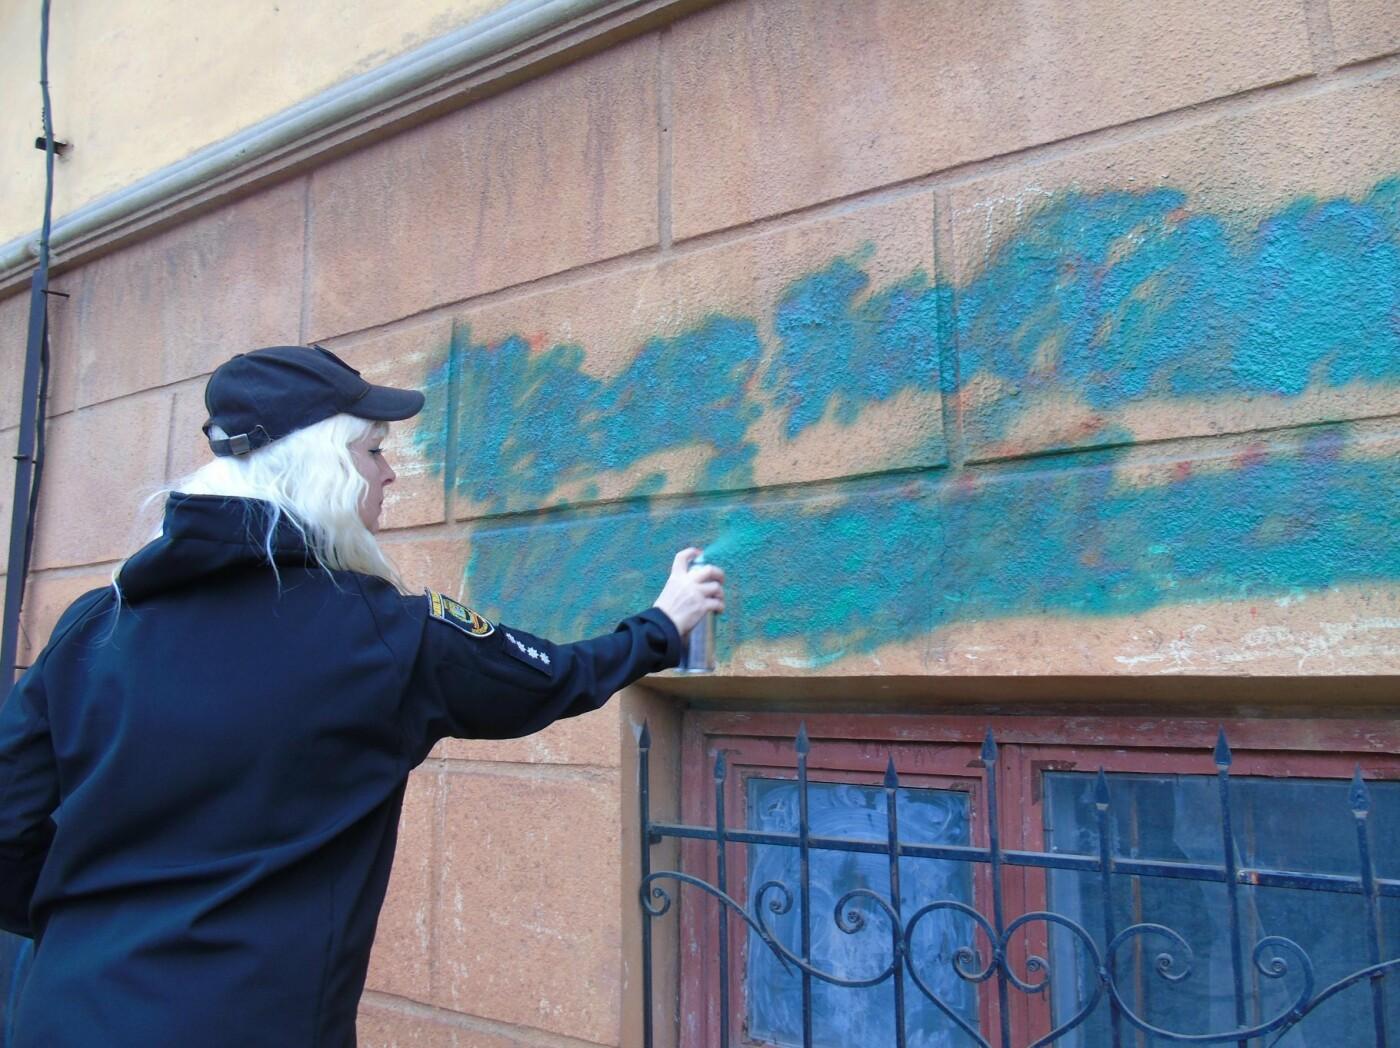 Молодежь Константиновки зарисовала рекламу наркотиков на стенах зданий города, фото-2